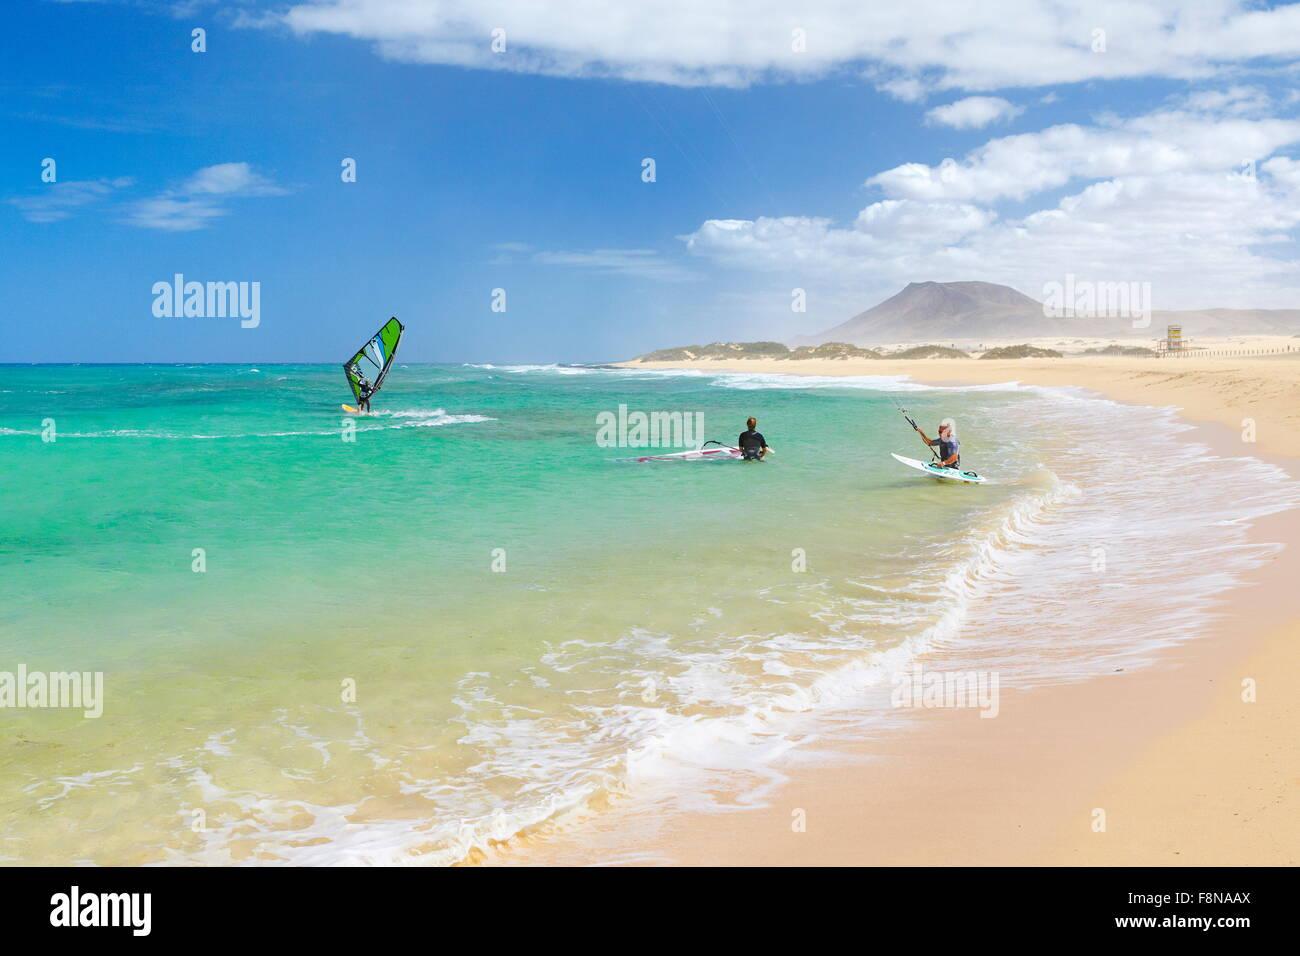 Windsurfen am Strand von Corralejo, Fuerteventura Insel Landschaft, Kanarische Inseln, Spanien Stockbild